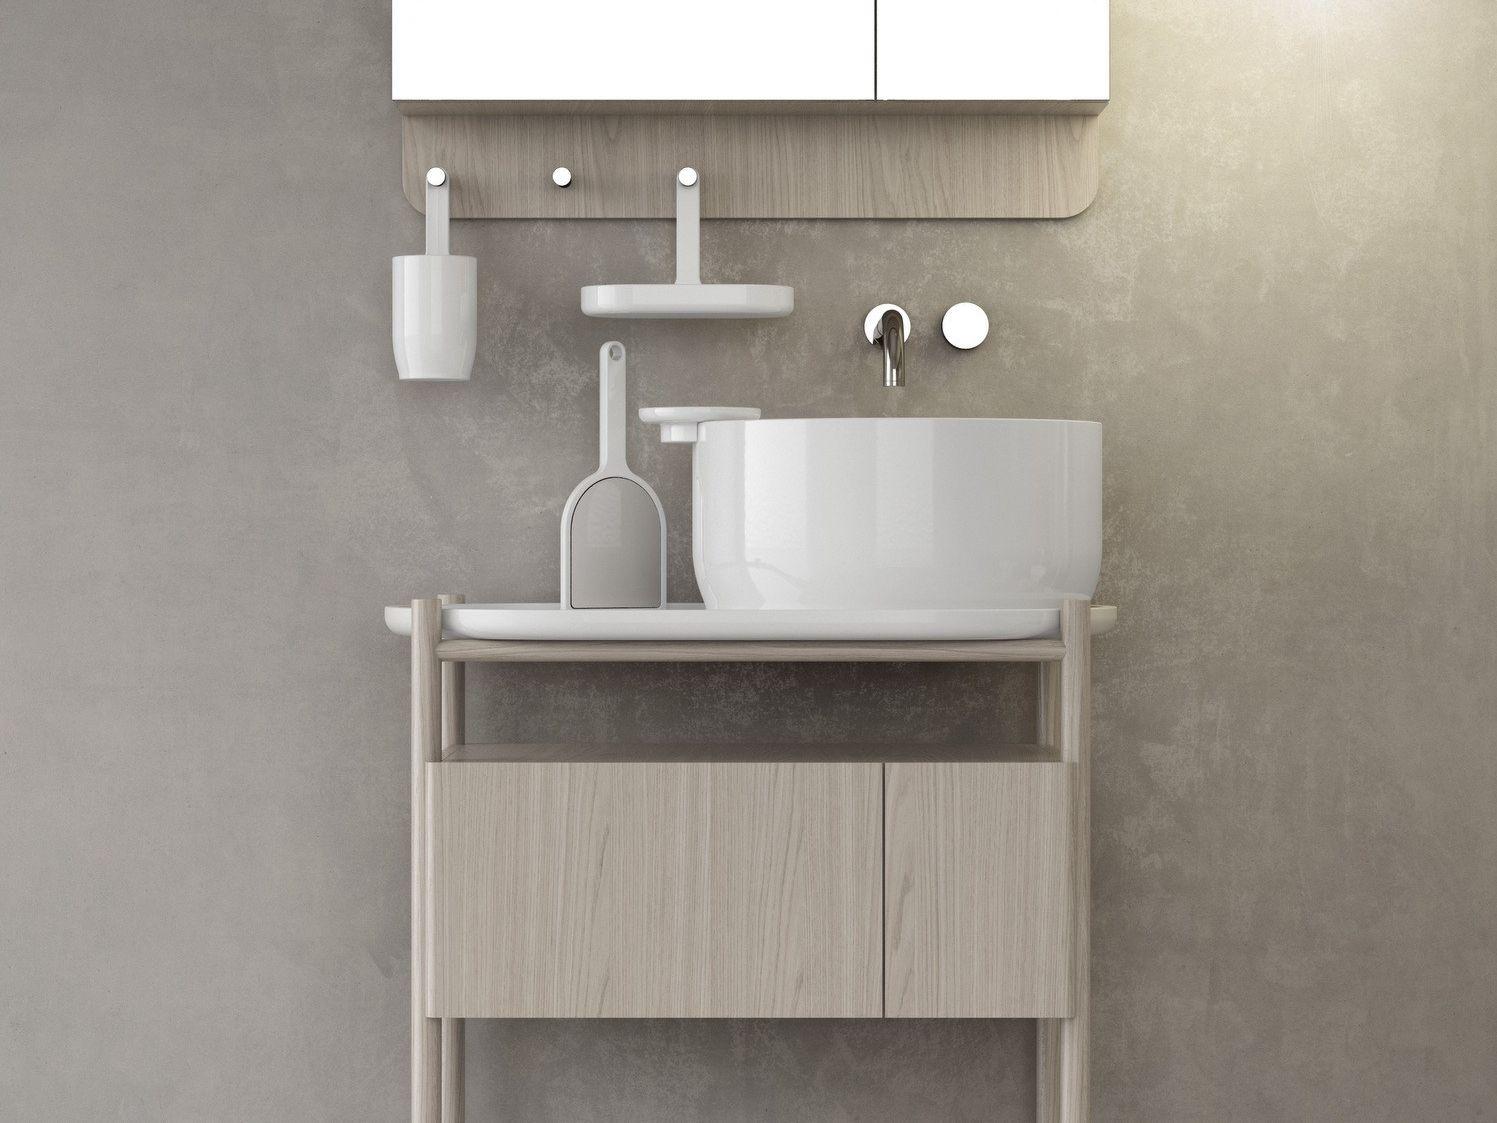 Ukiyo e lavabo sobre encimera by olympia ceramica - Lavabos redondos sobre encimera ...